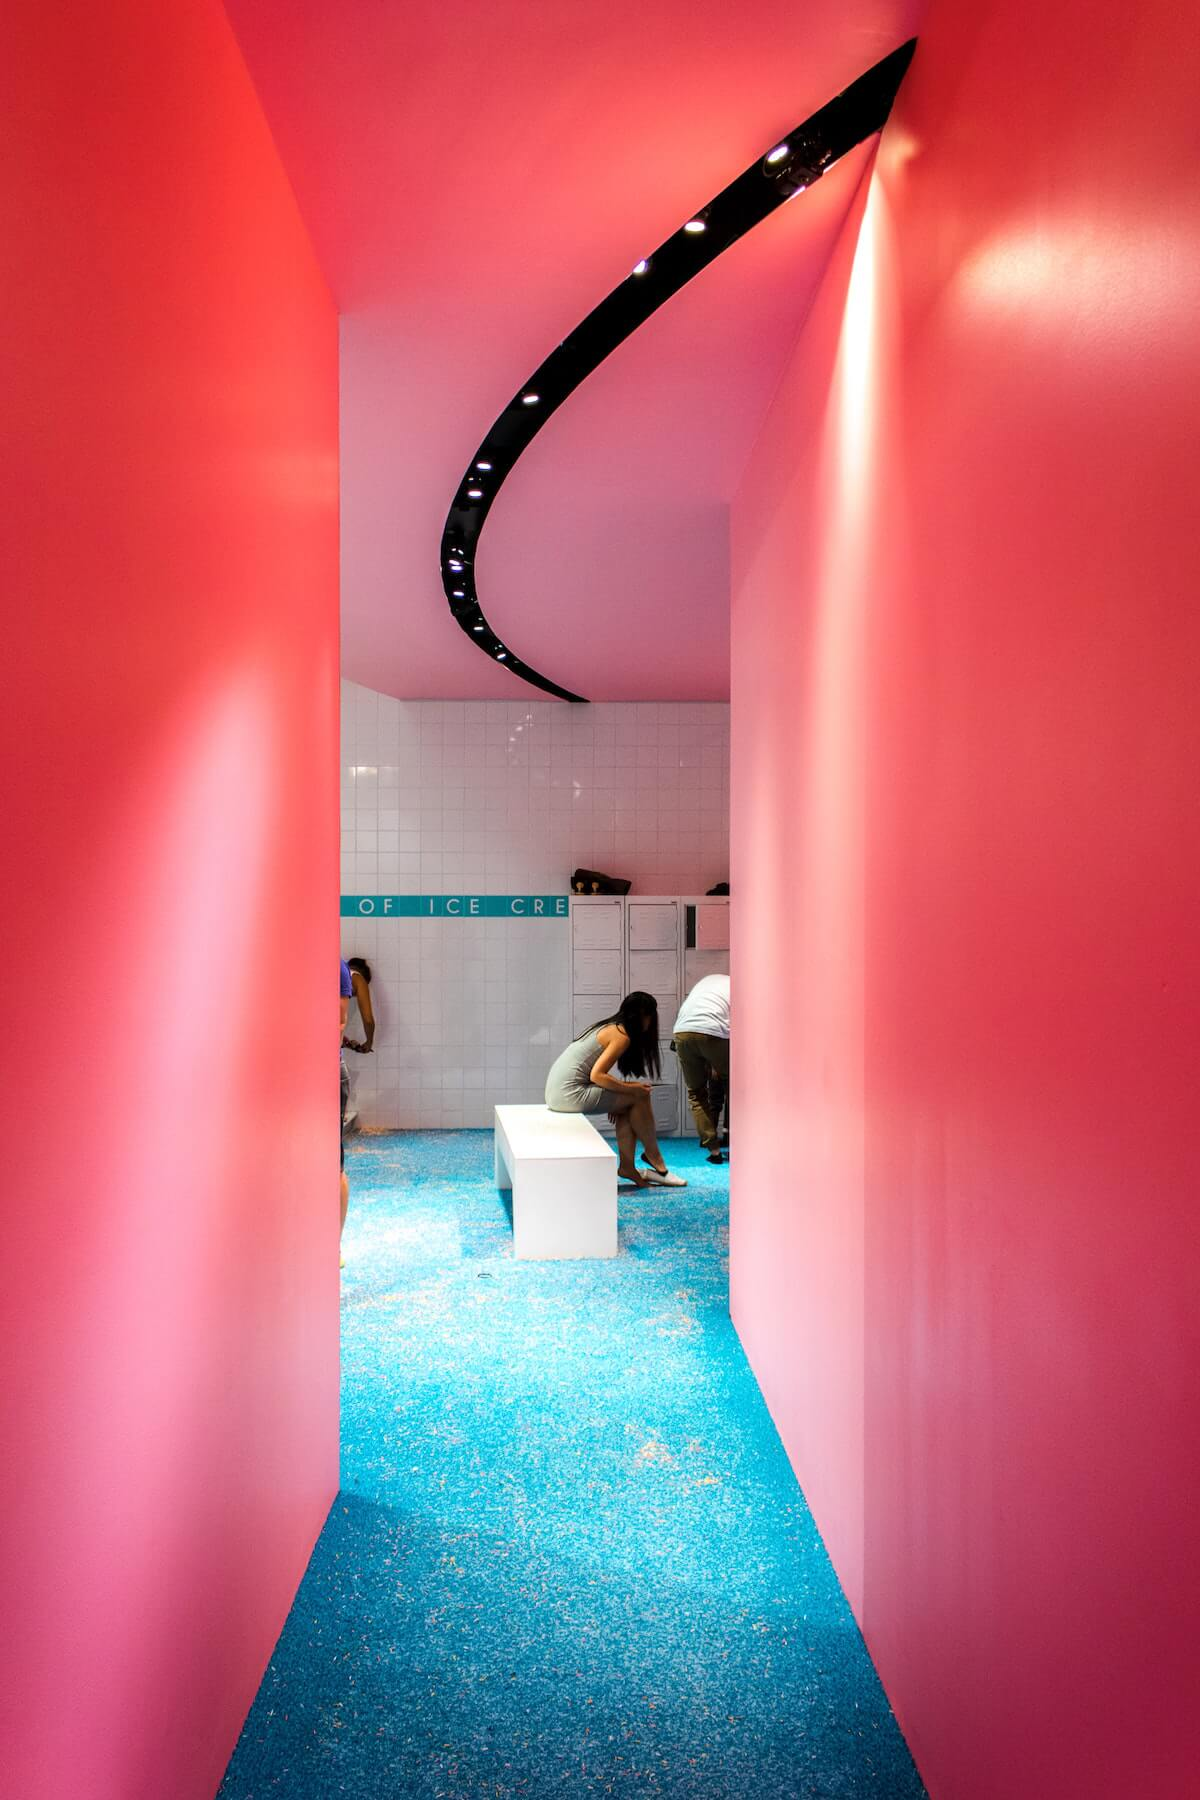 a-woman-in-alocker-room-via-unsplash